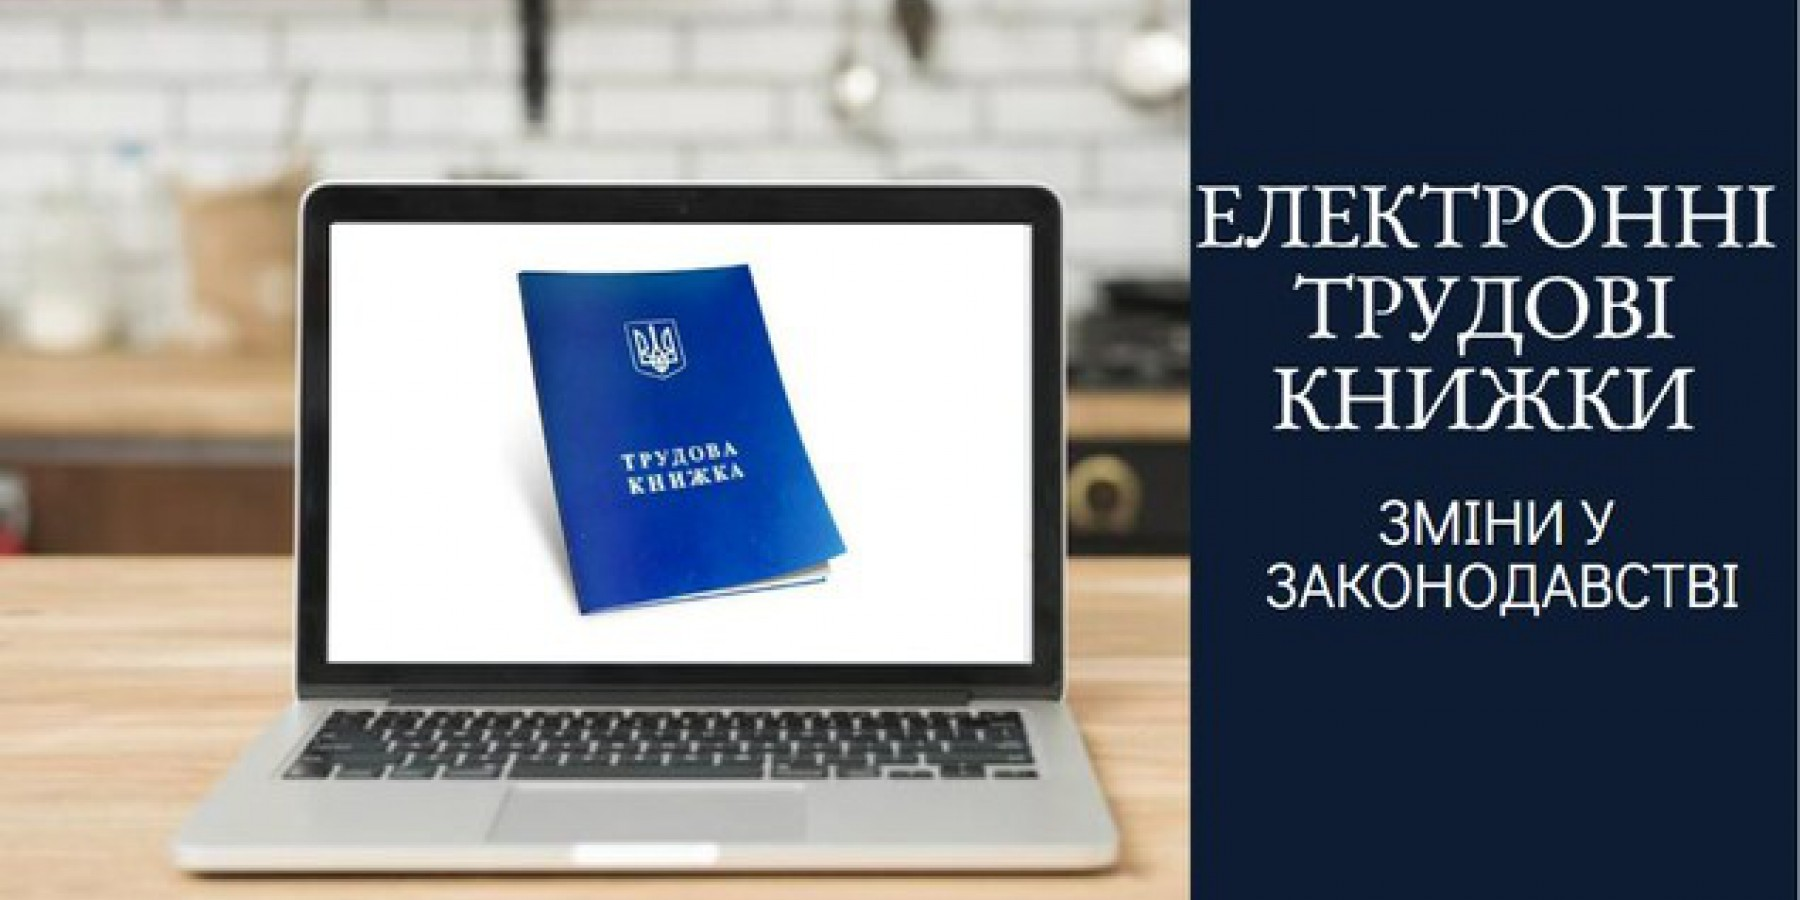 Мінсоцполітики: 10 червня запроваджено електронні трудові книжки